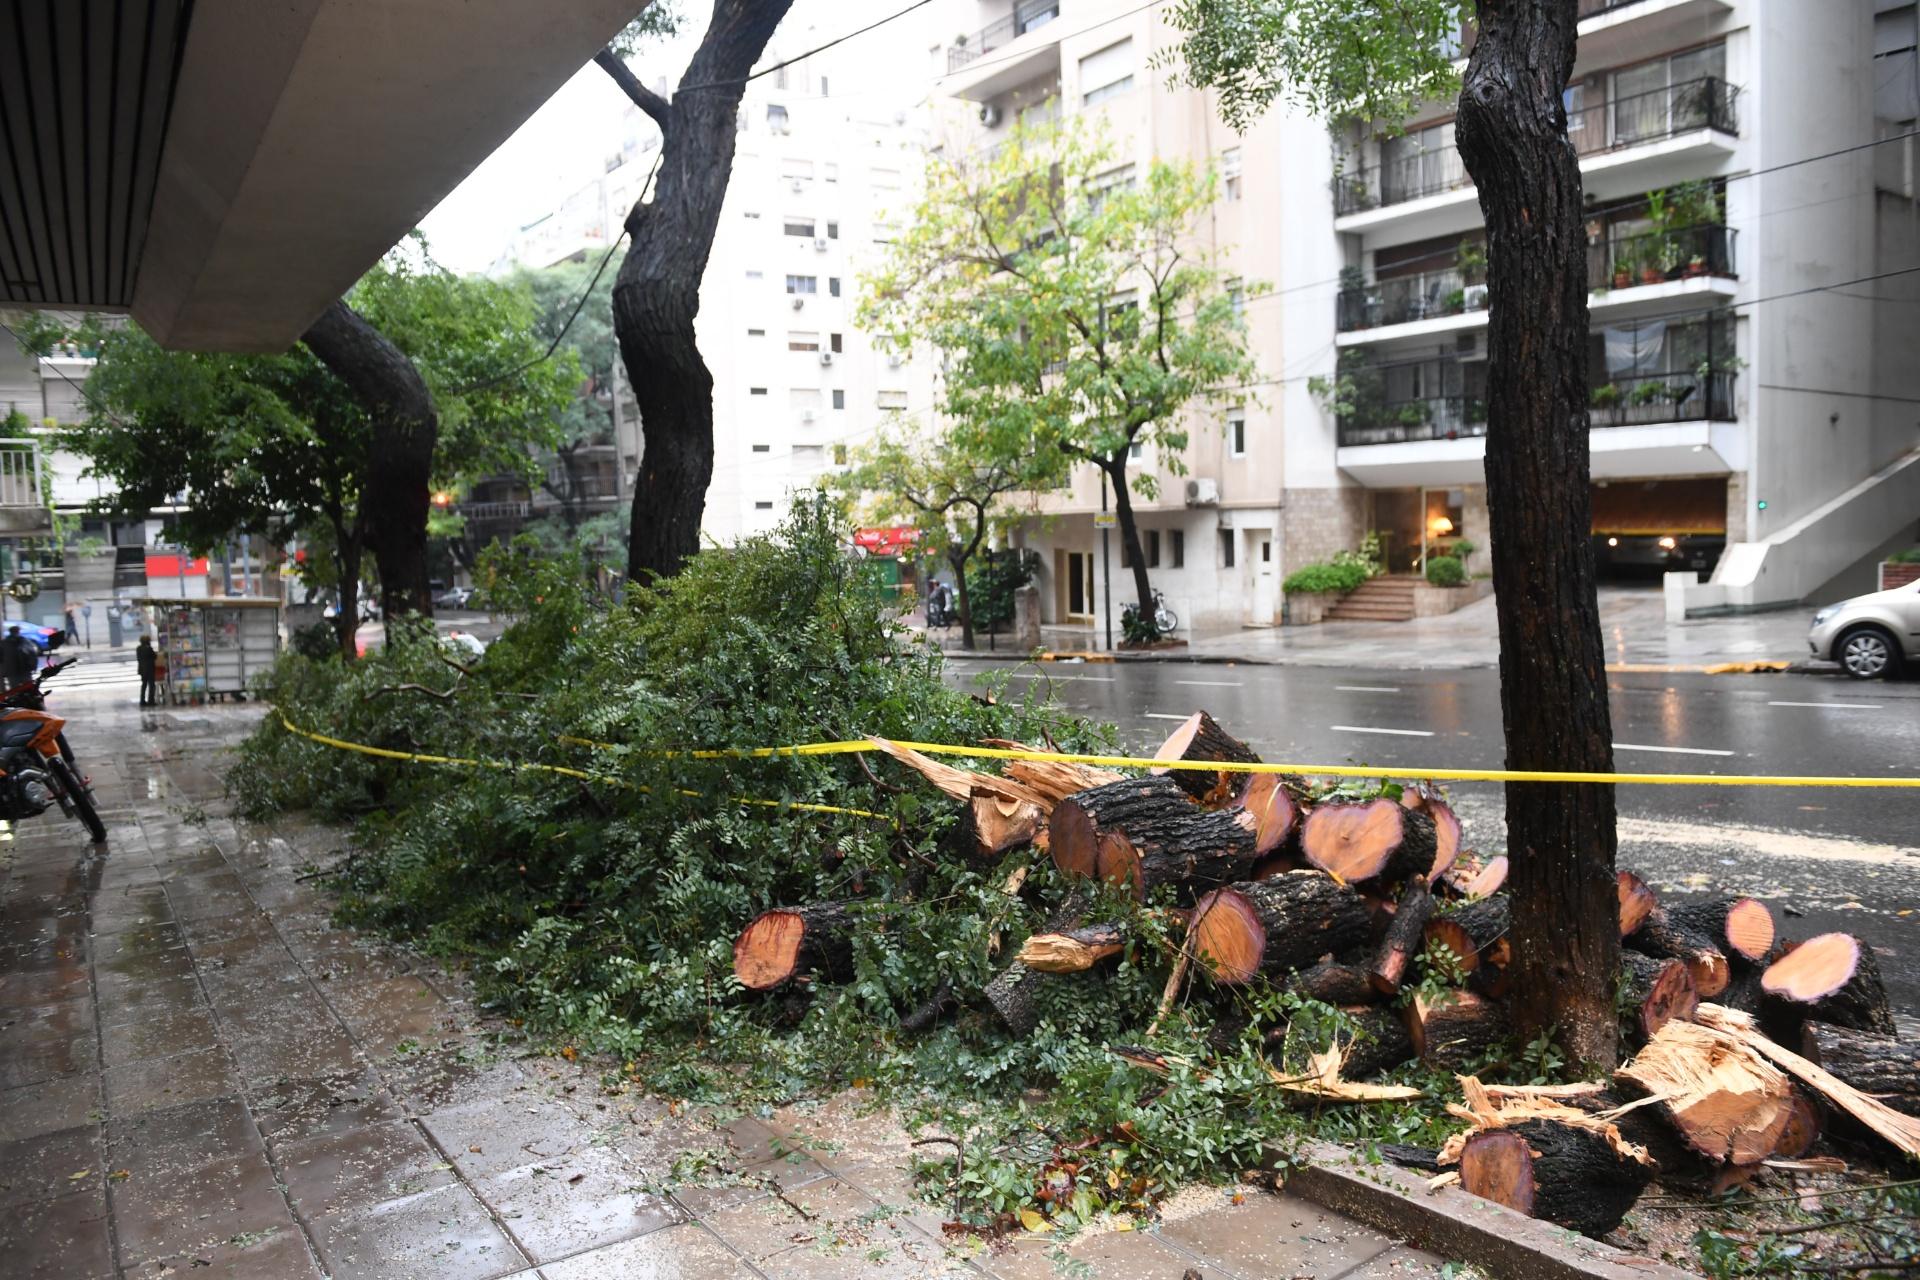 Horas después de la fuerte tormenta, personal de Defensa Civil continuó con los trabajos de ayuda a los vecinos damnificados